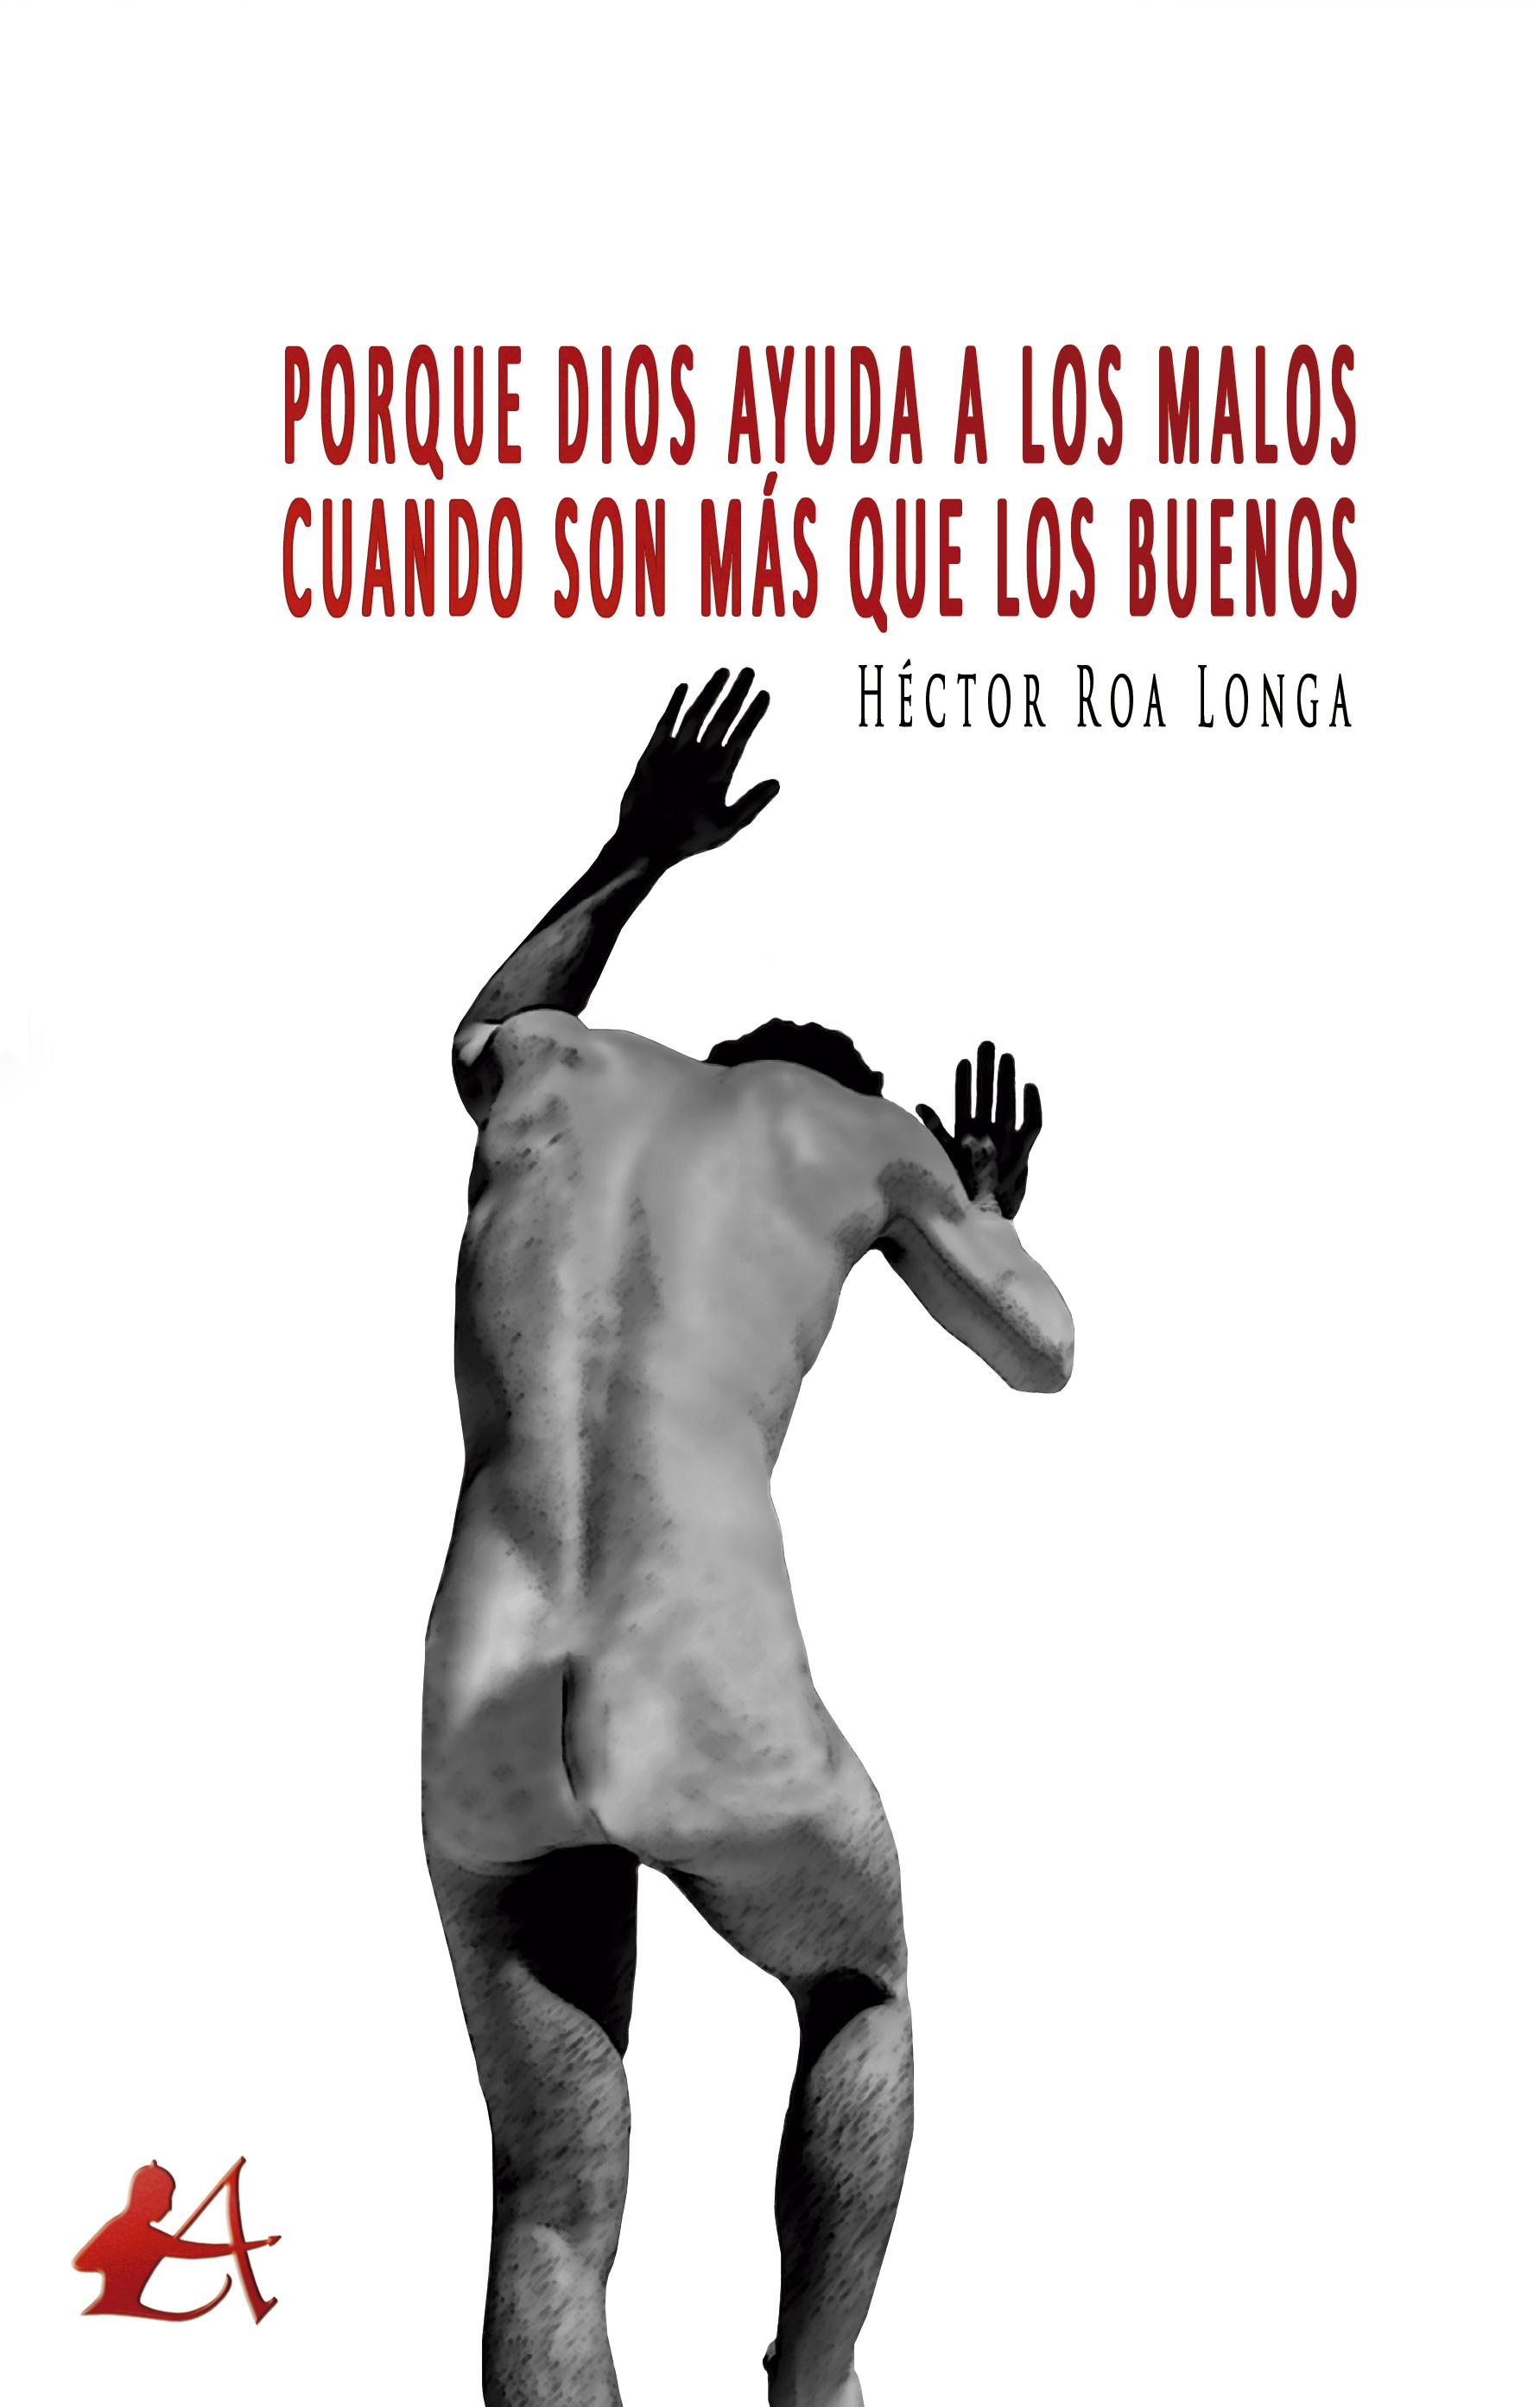 Portada del libro Porque Dios ayuda a los malos cuando son más que los buenos de Héctor Roa Longa. Editorial Adarve, Escritores de hoy